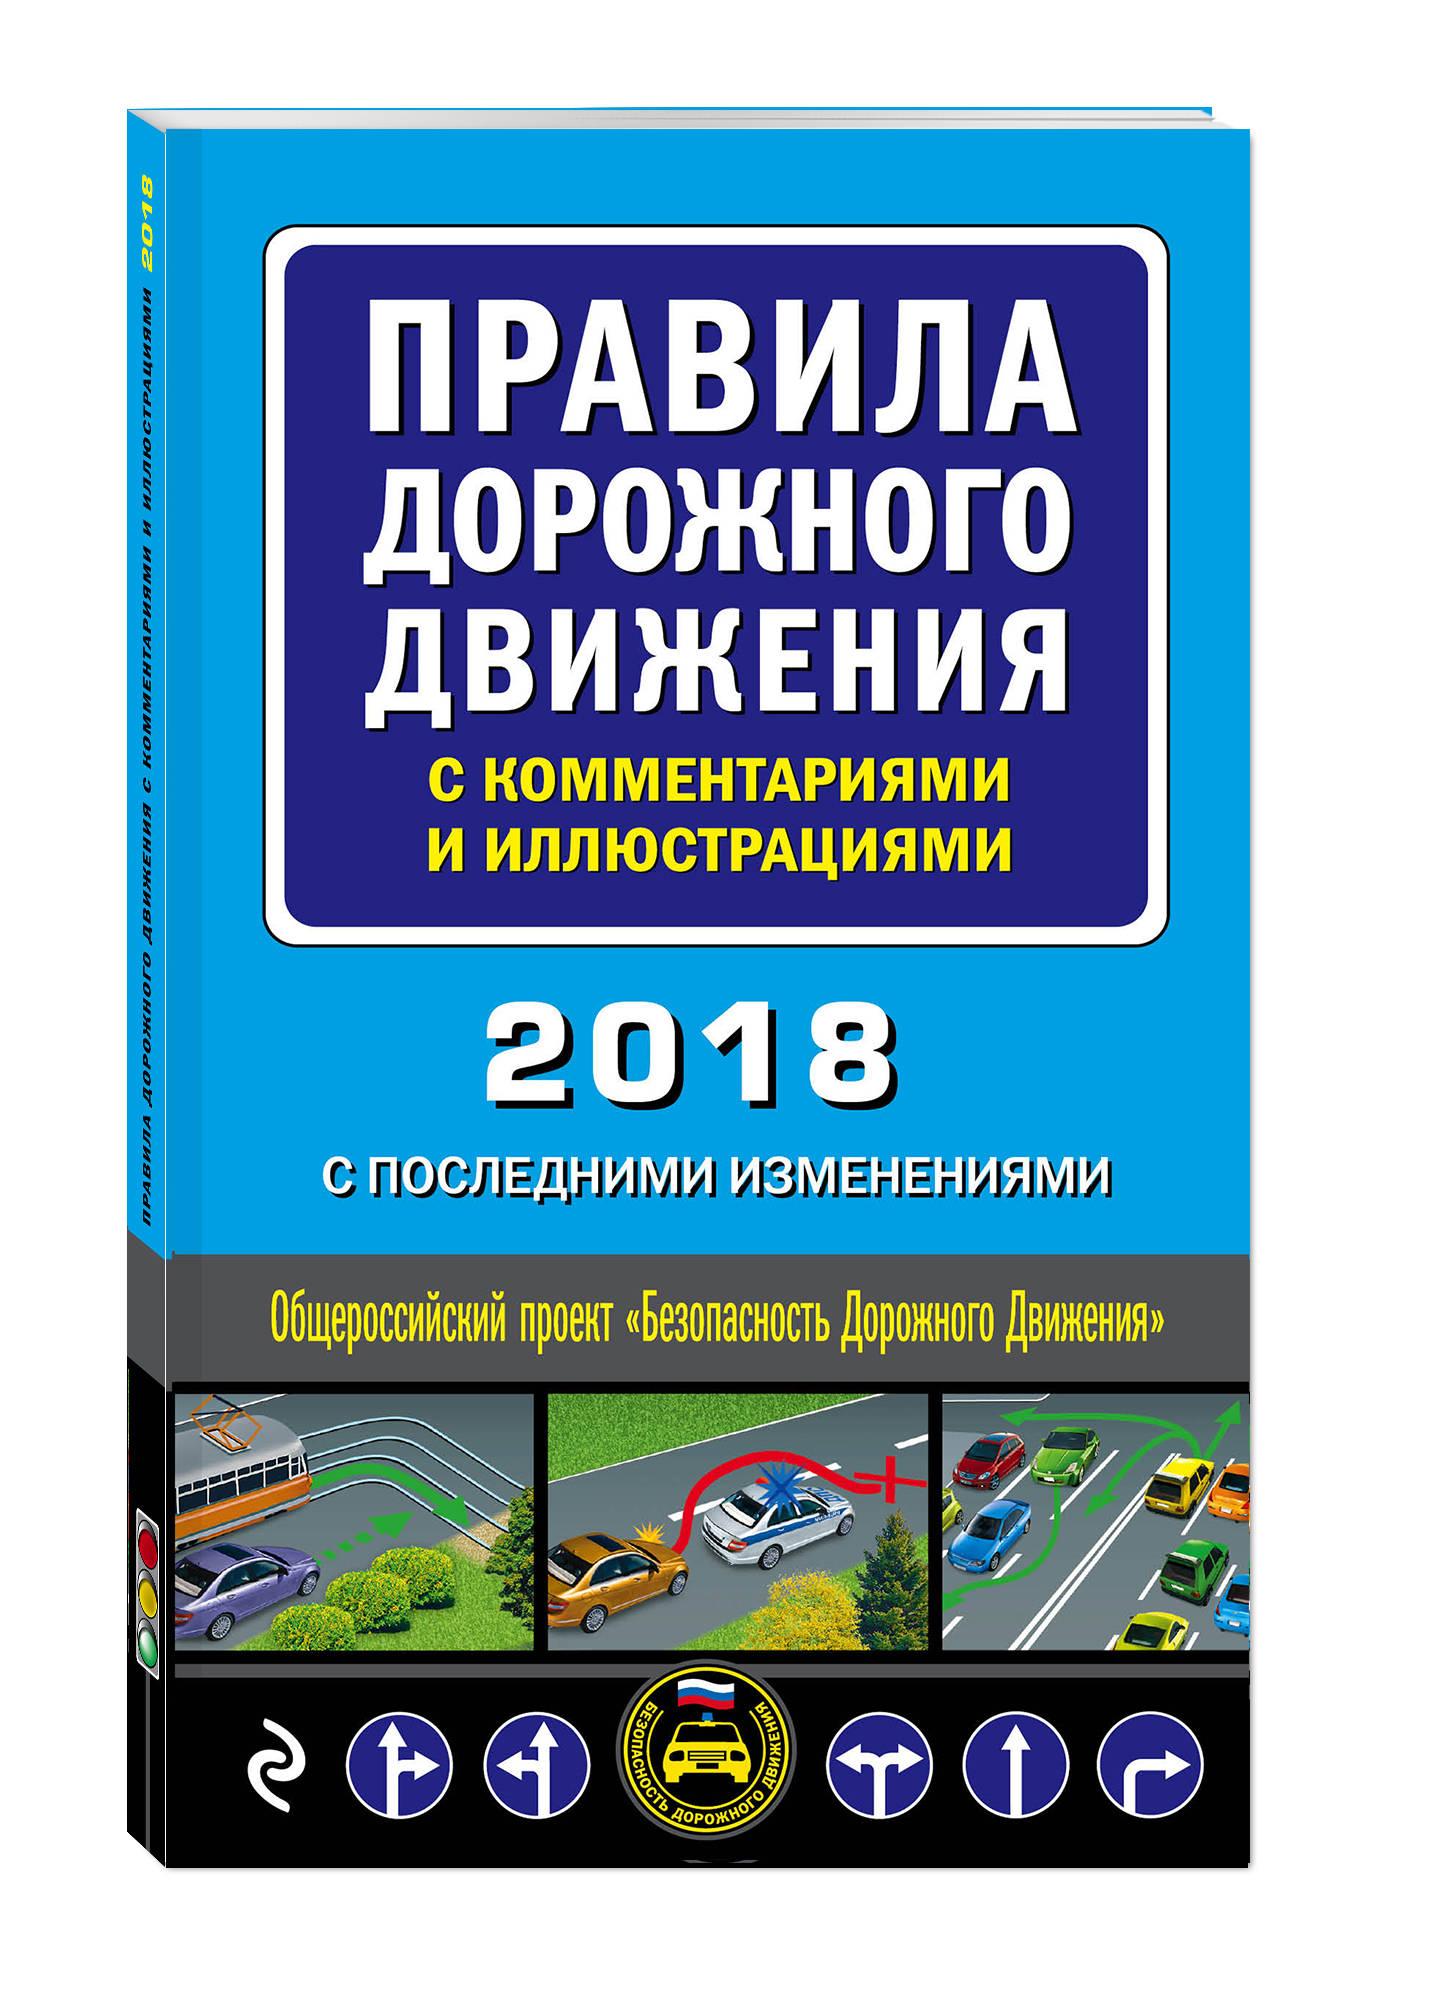 Правила дорожного движения с комментариями и иллюстрациями (с посл. изменениями на 2018 год) семенов и учебник по устройству легкового автомобиля с цветными иллюстрациями